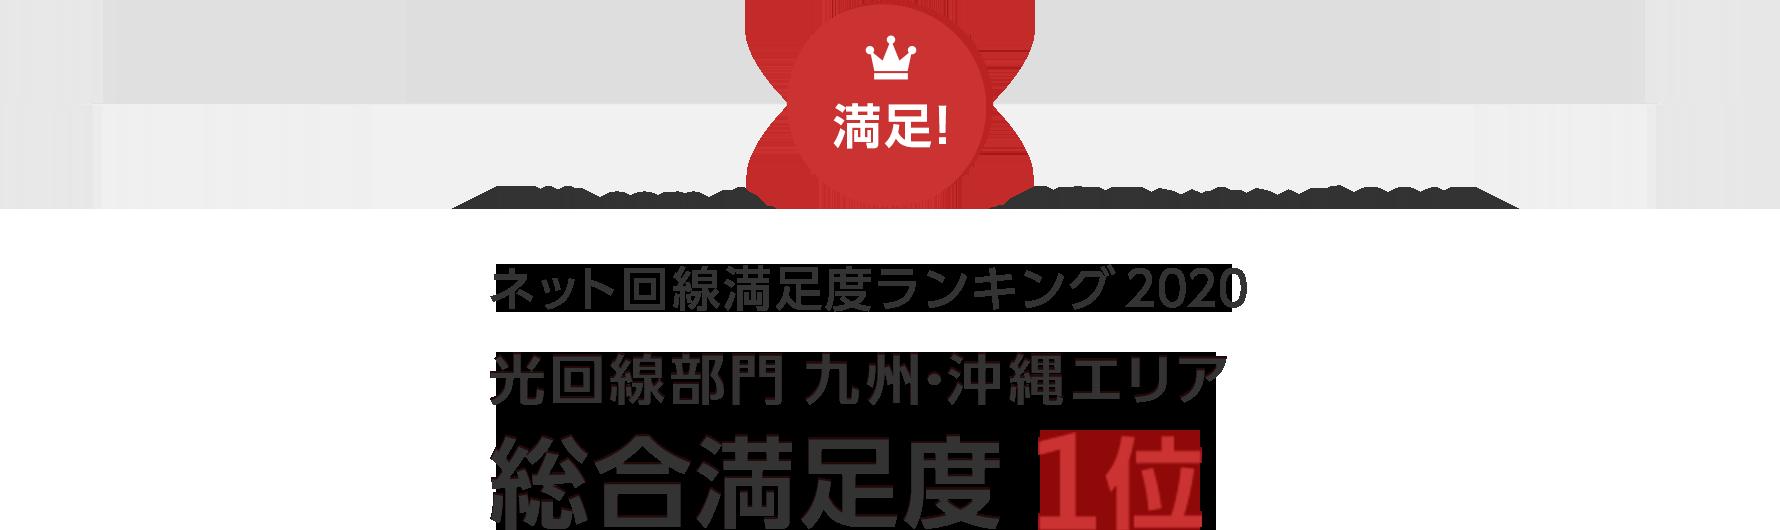 ネット回線満足度ランキング 2020 光回線部門 九州・沖縄エリア 総合満足度 1位